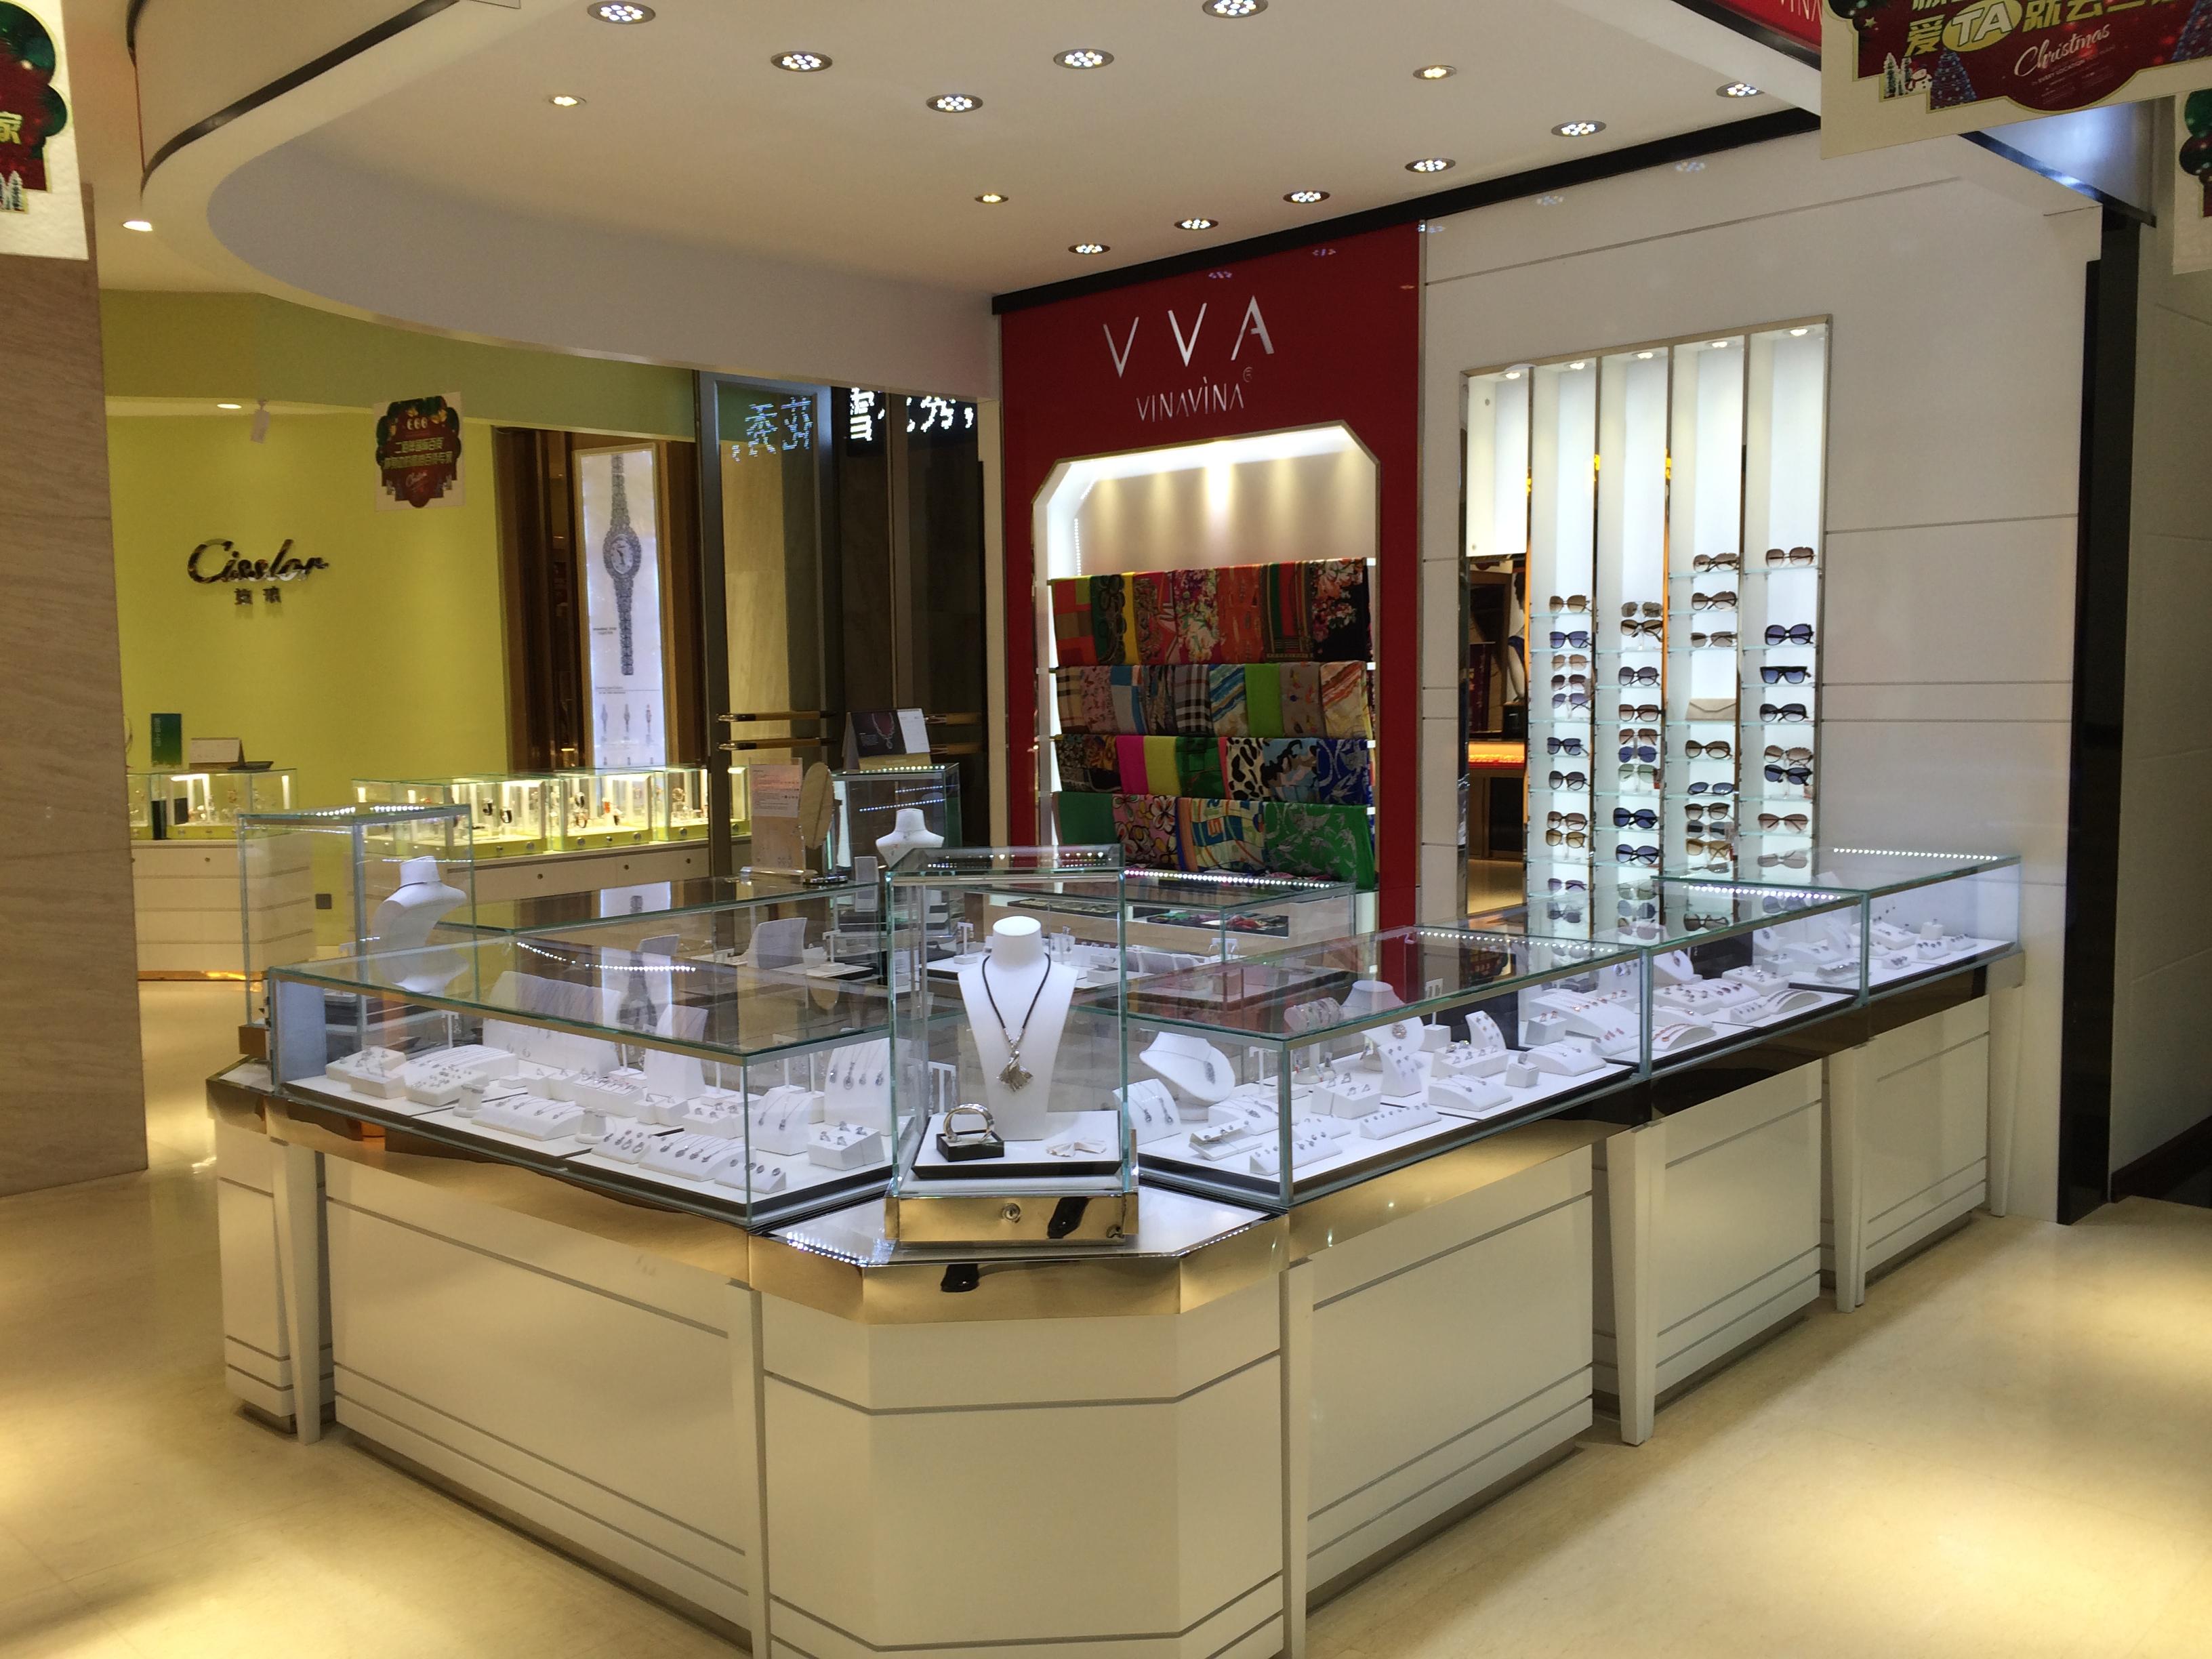 vva银饰银饰加盟店_vva银饰加盟店—全球加盟网--第1图片